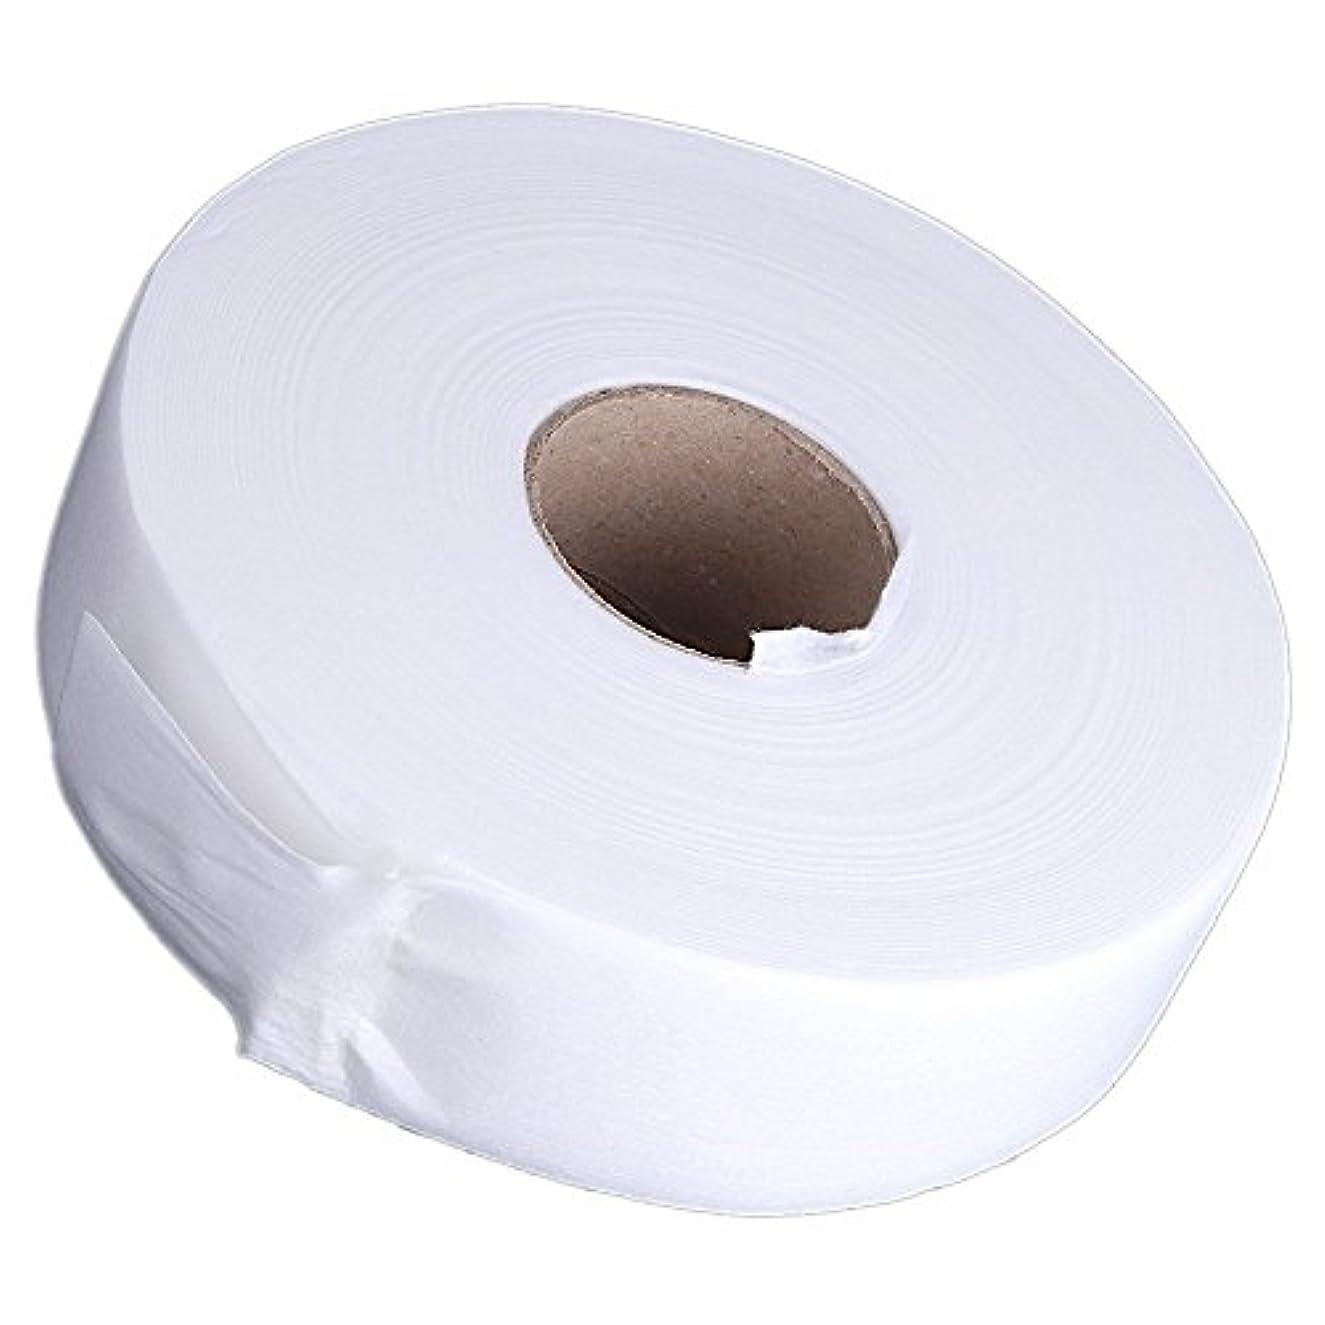 苦い胆嚢飲み込むVaorwne 100ヤードの脱毛紙脱毛ワックスストリップ 不織布ペーパーワックスロール(白)